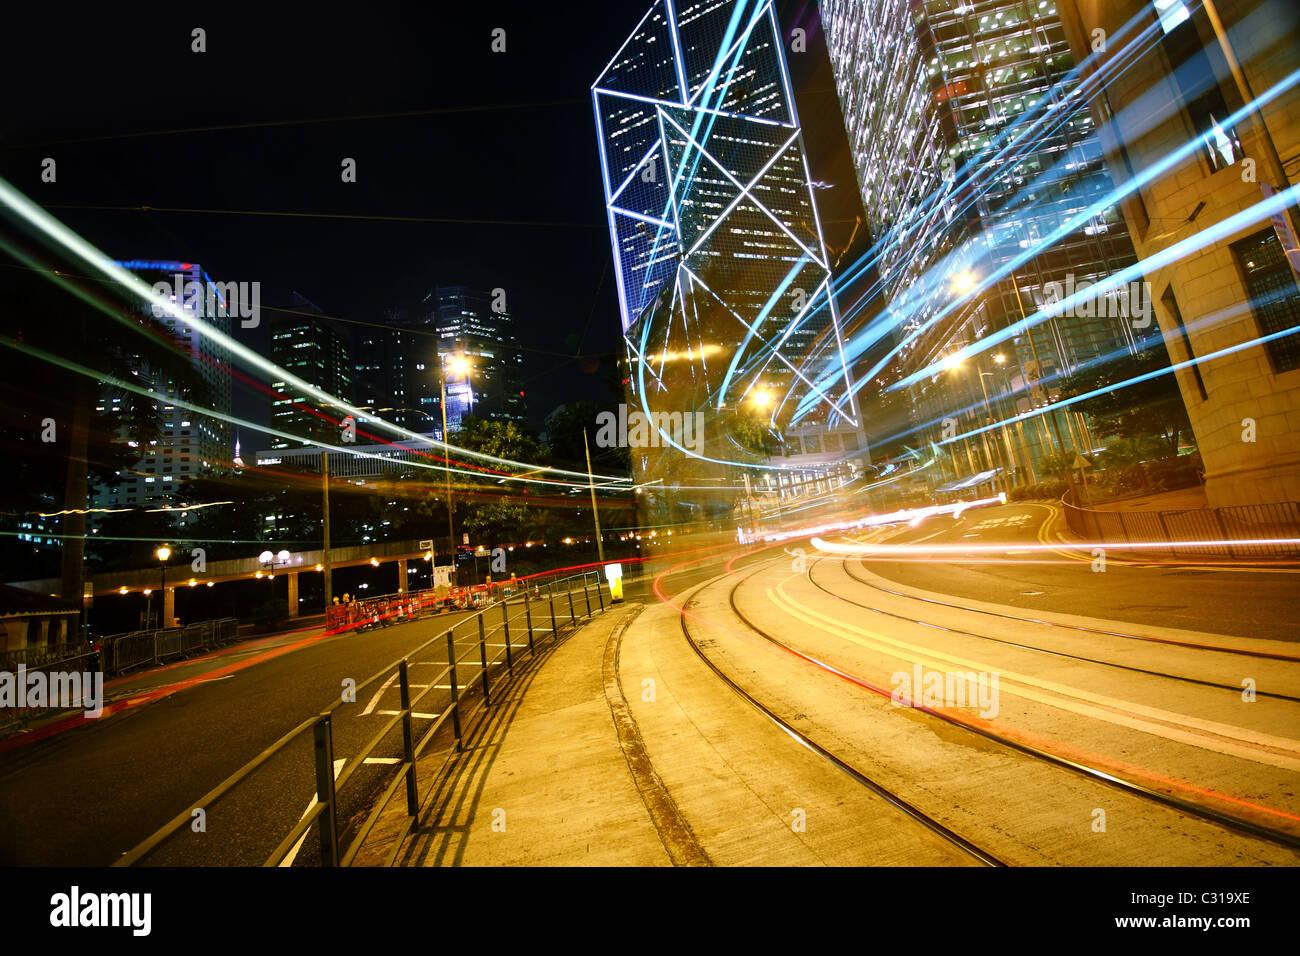 Les sentiers de la lumière sur le bâtiment moderne. Banque D'Images